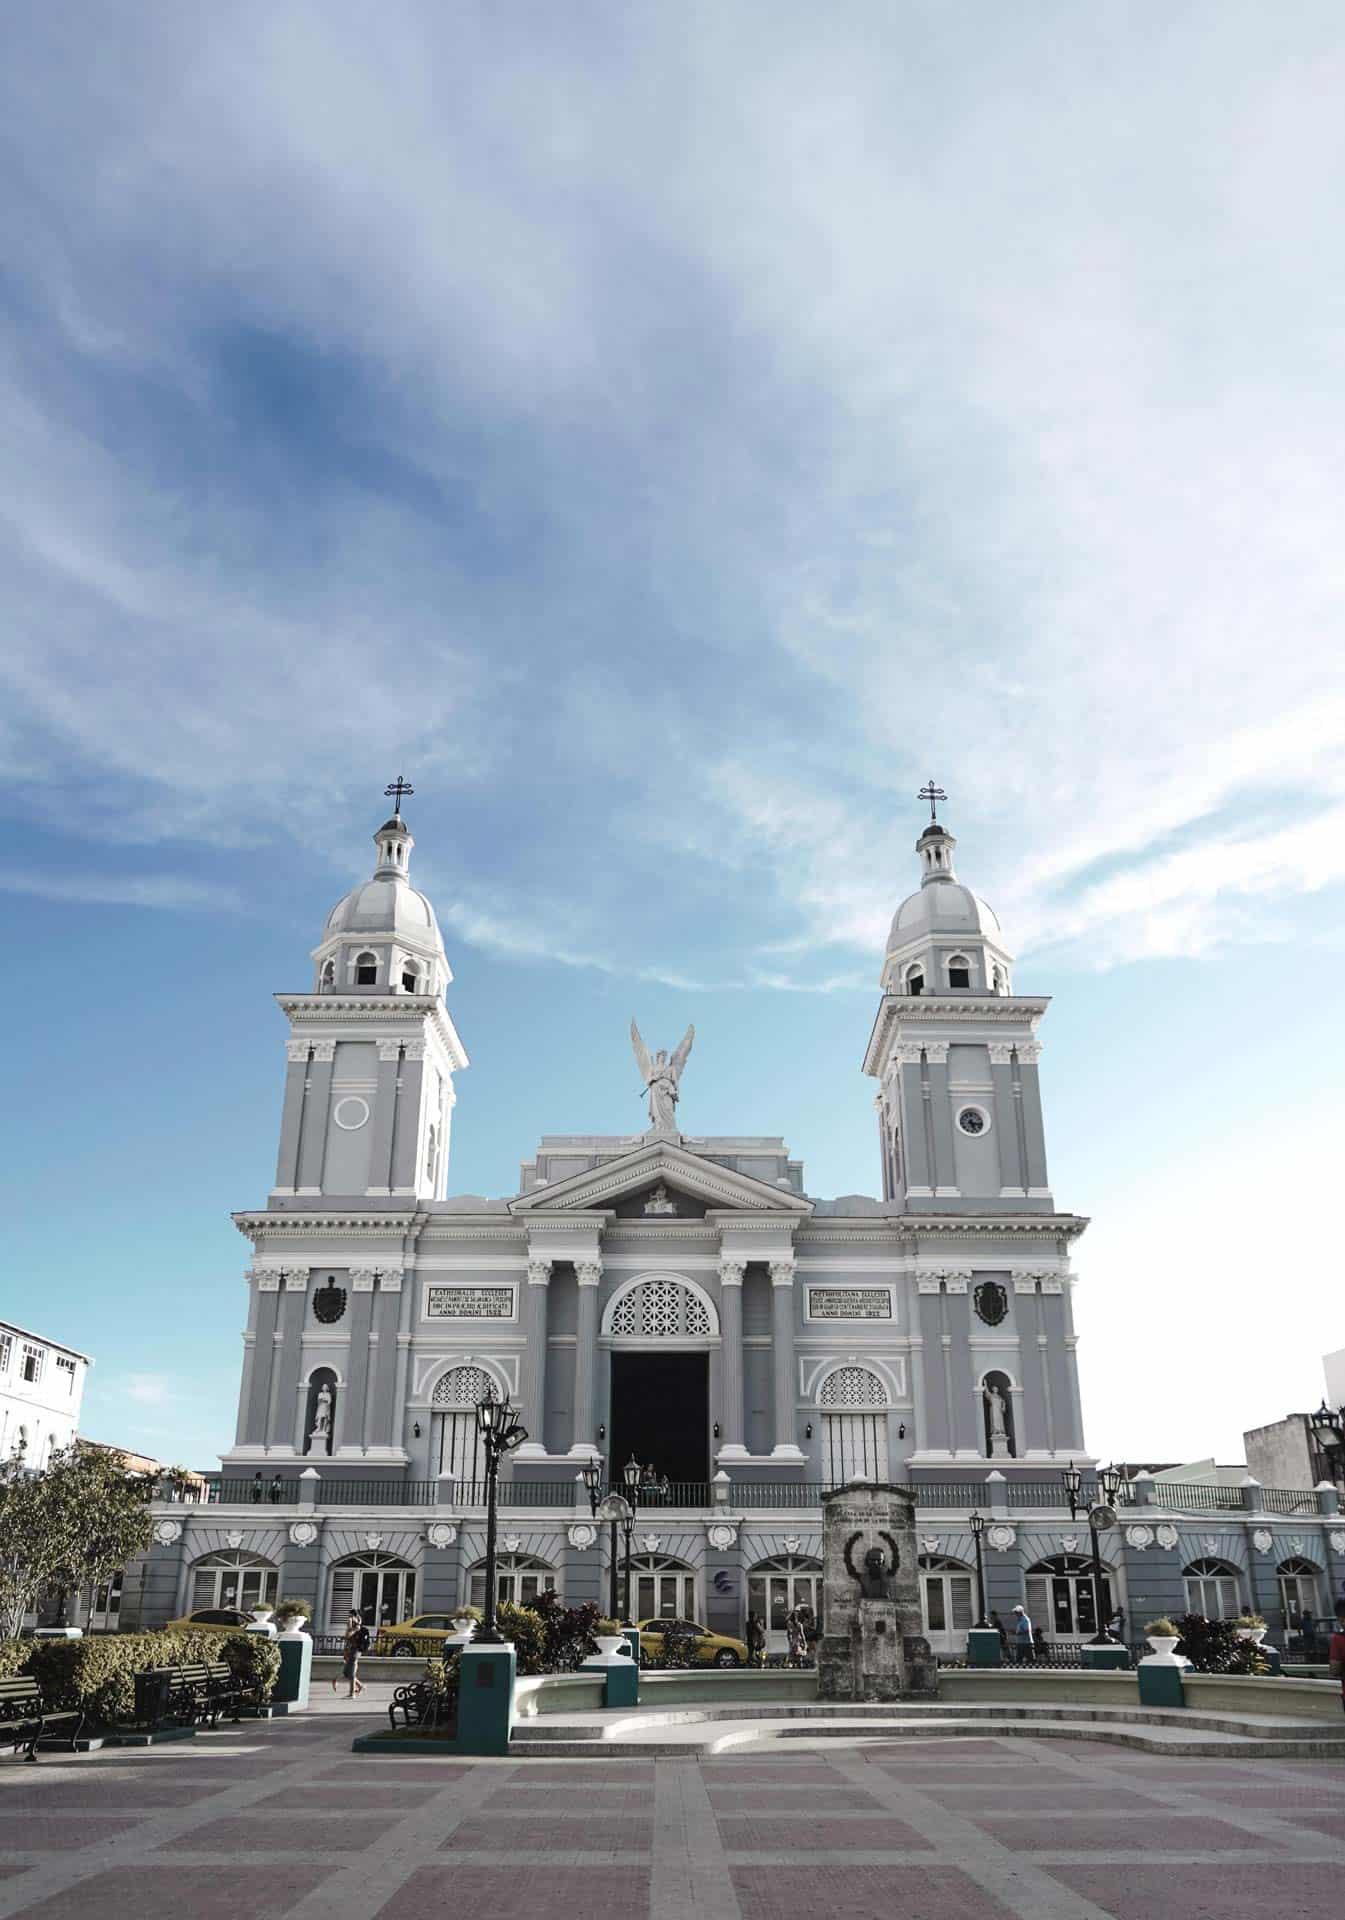 santiago de cuba basilique cathedrale notre dame de l assomption cuba autrement 1